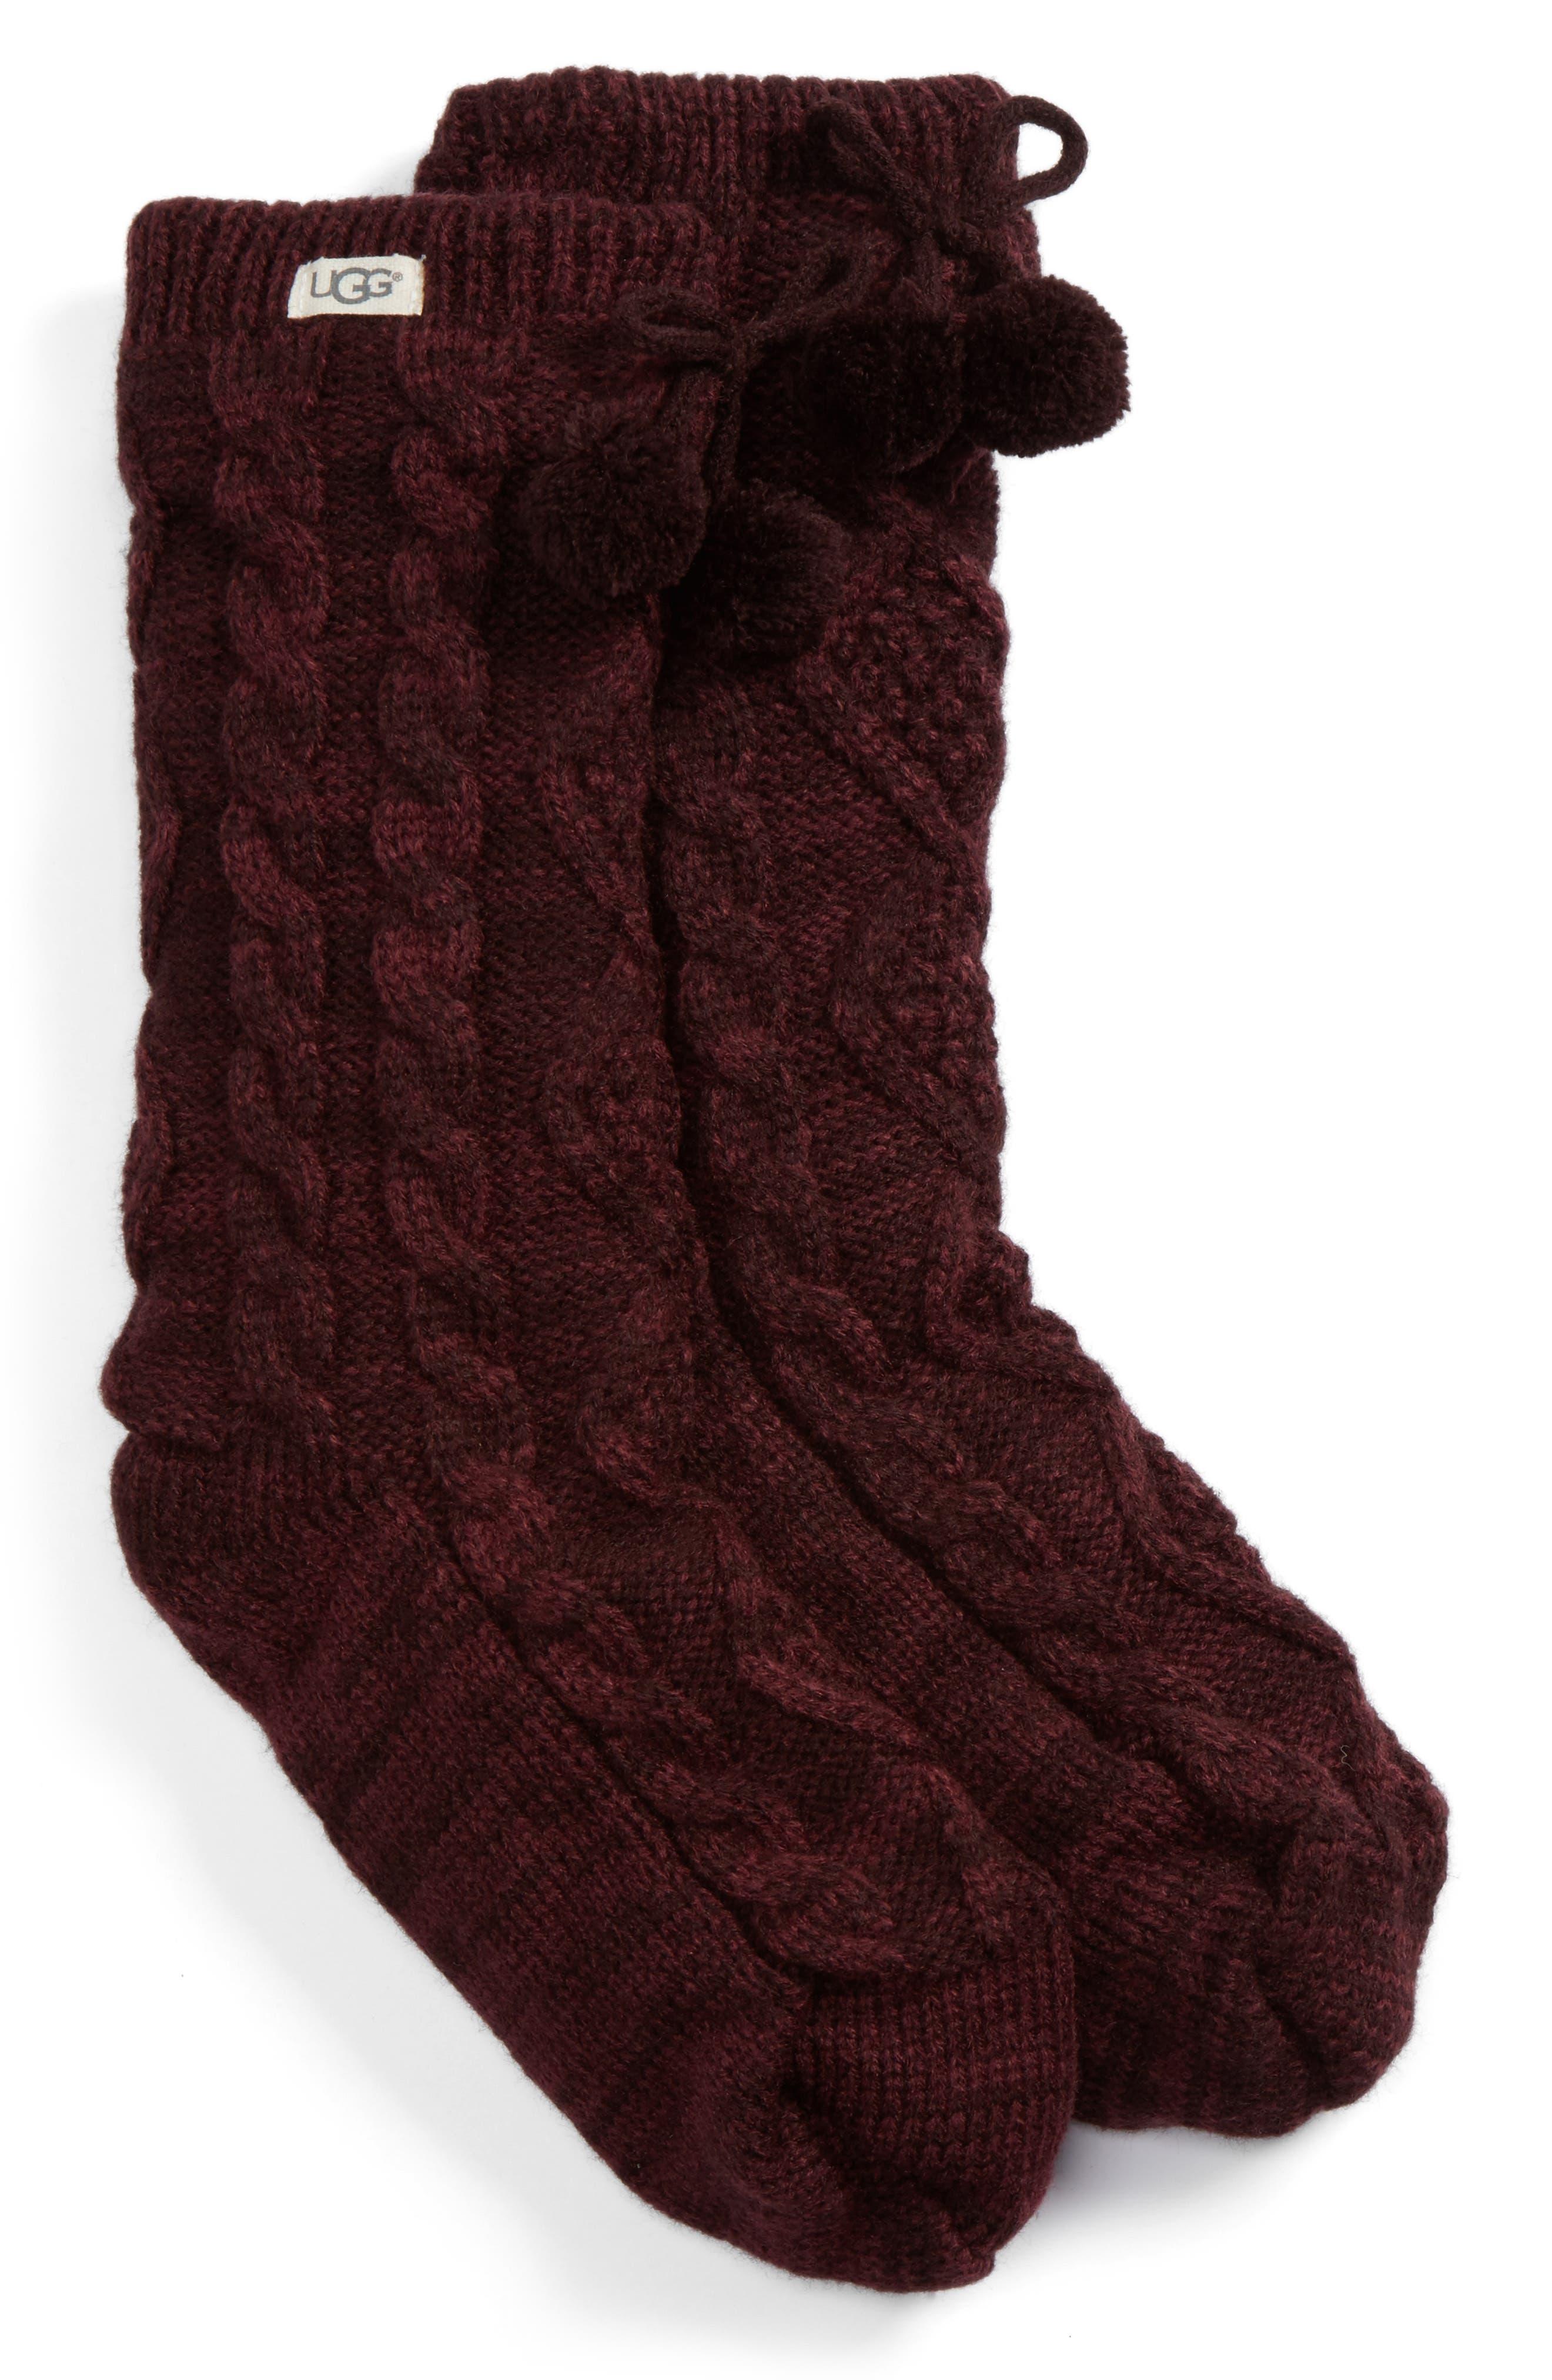 Main Image - UGG® Fleece Lined Socks